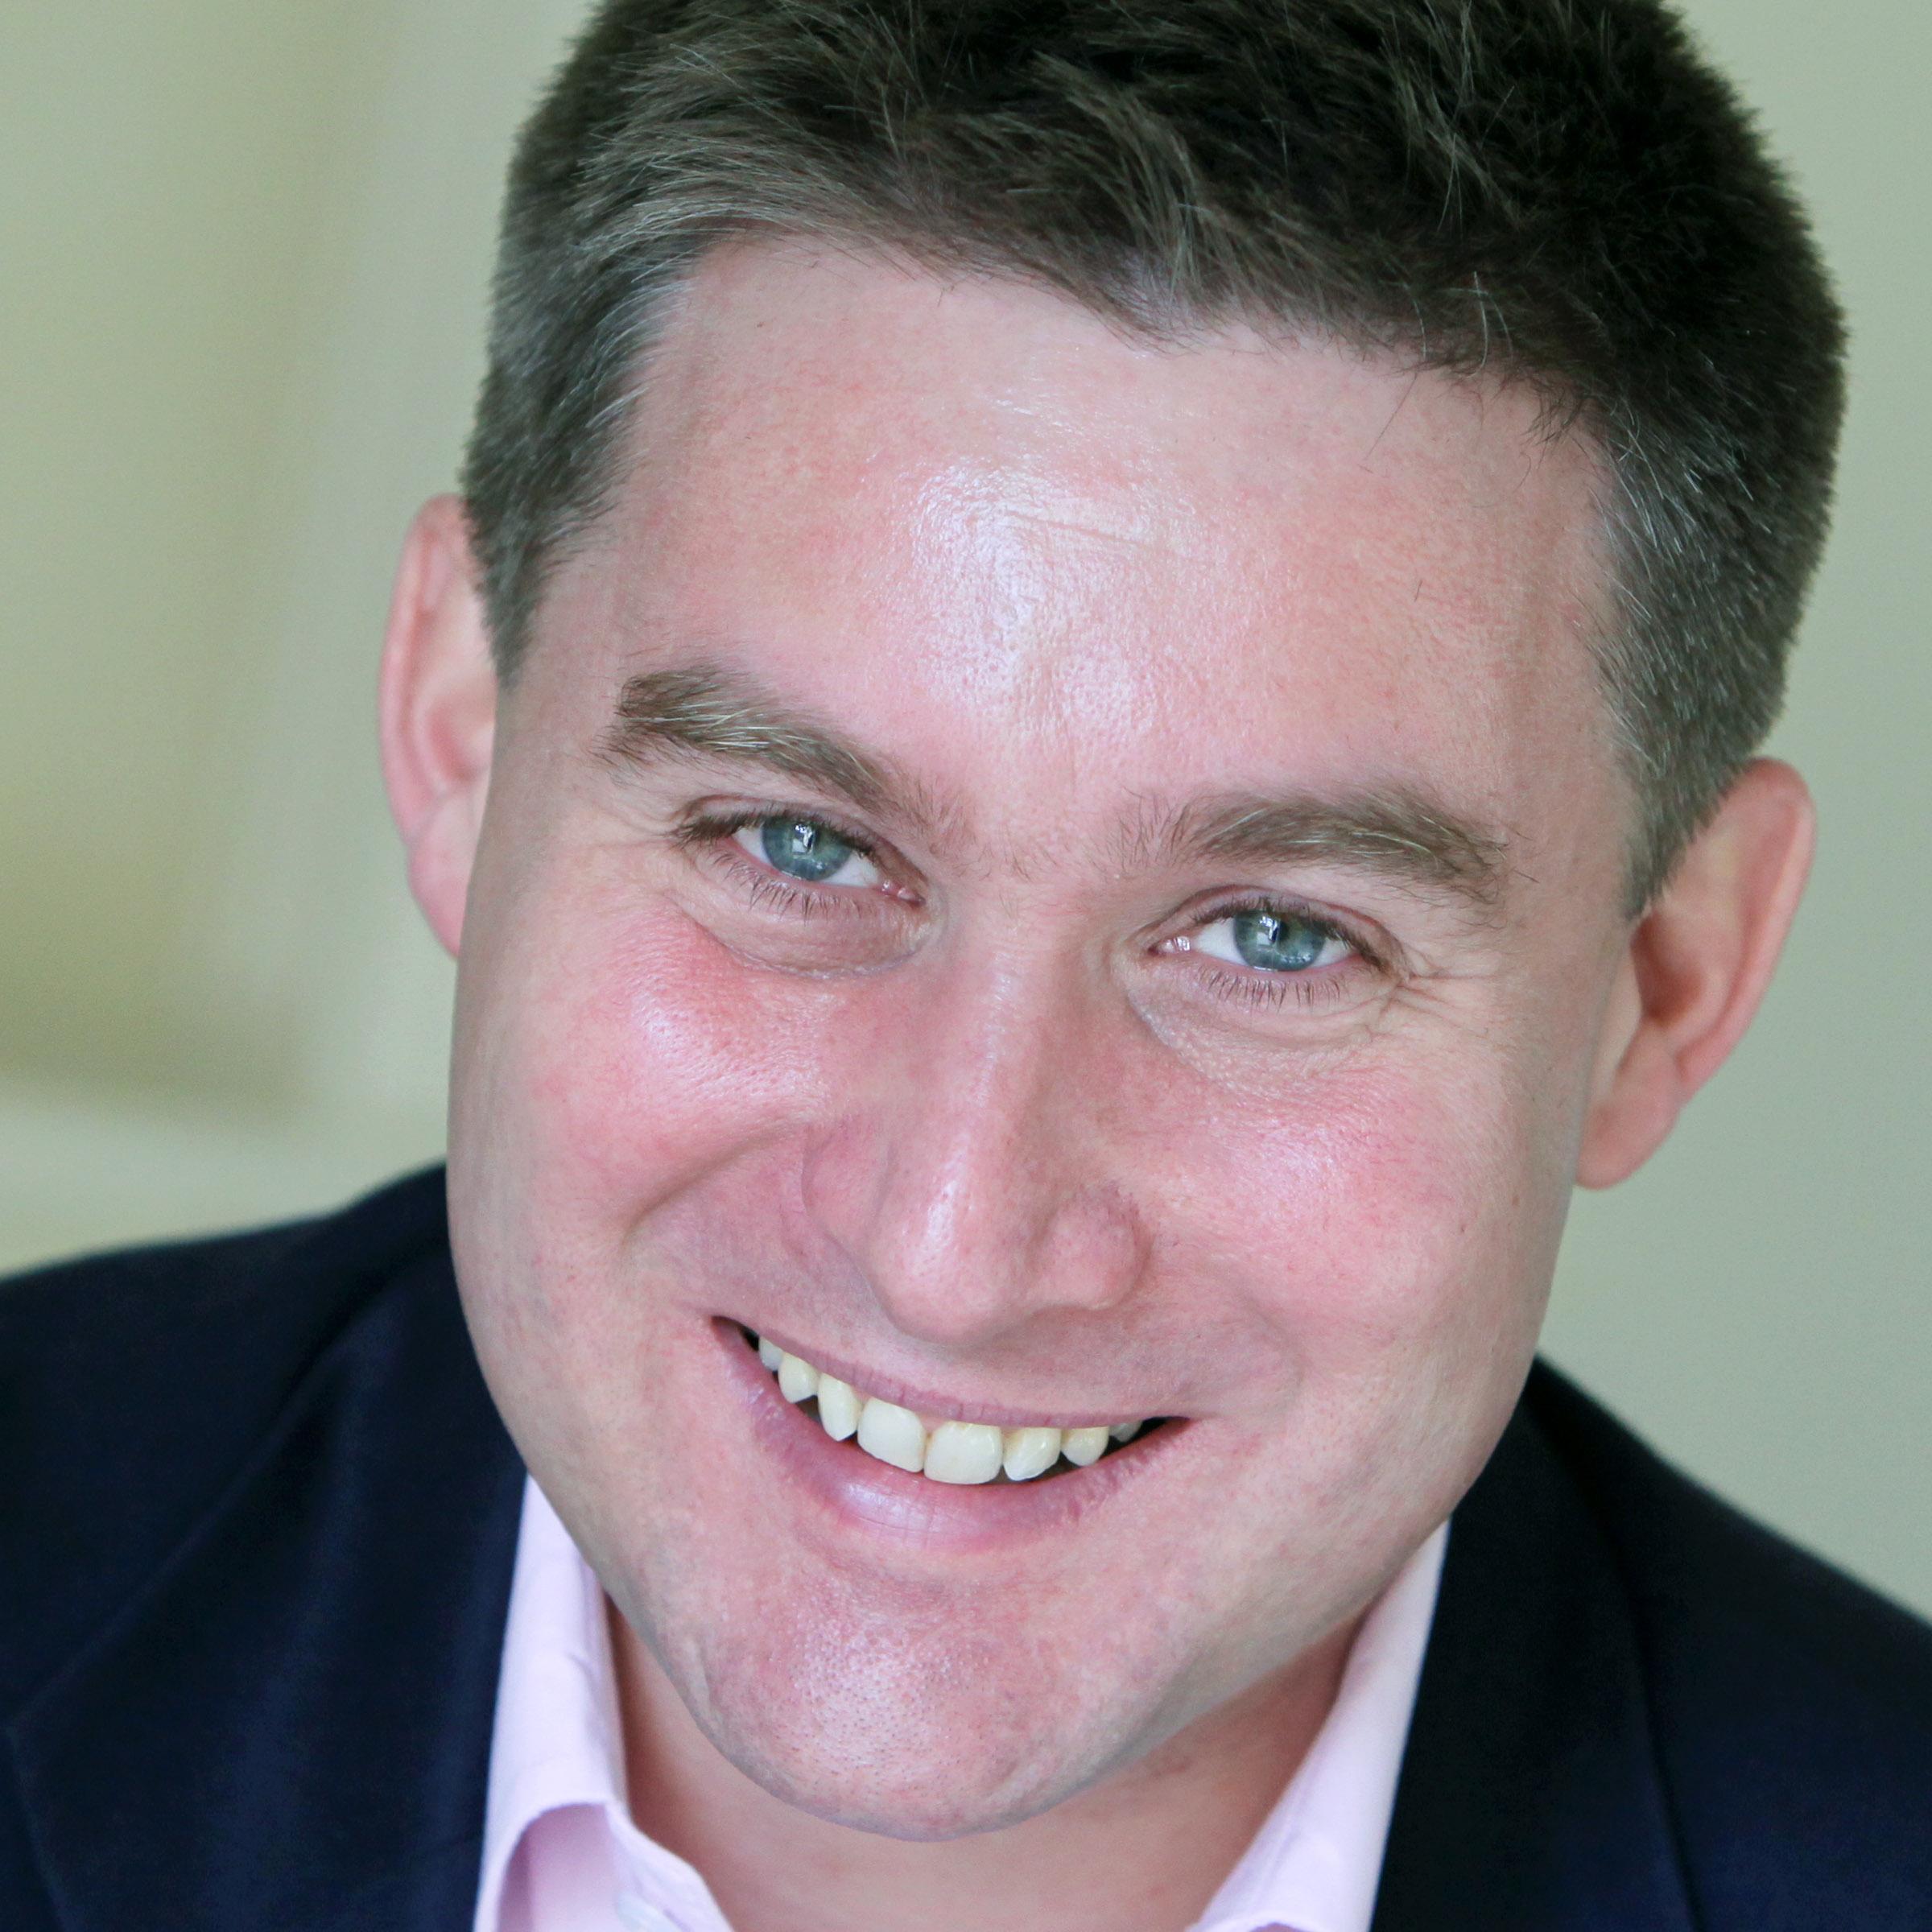 Ian Adkins